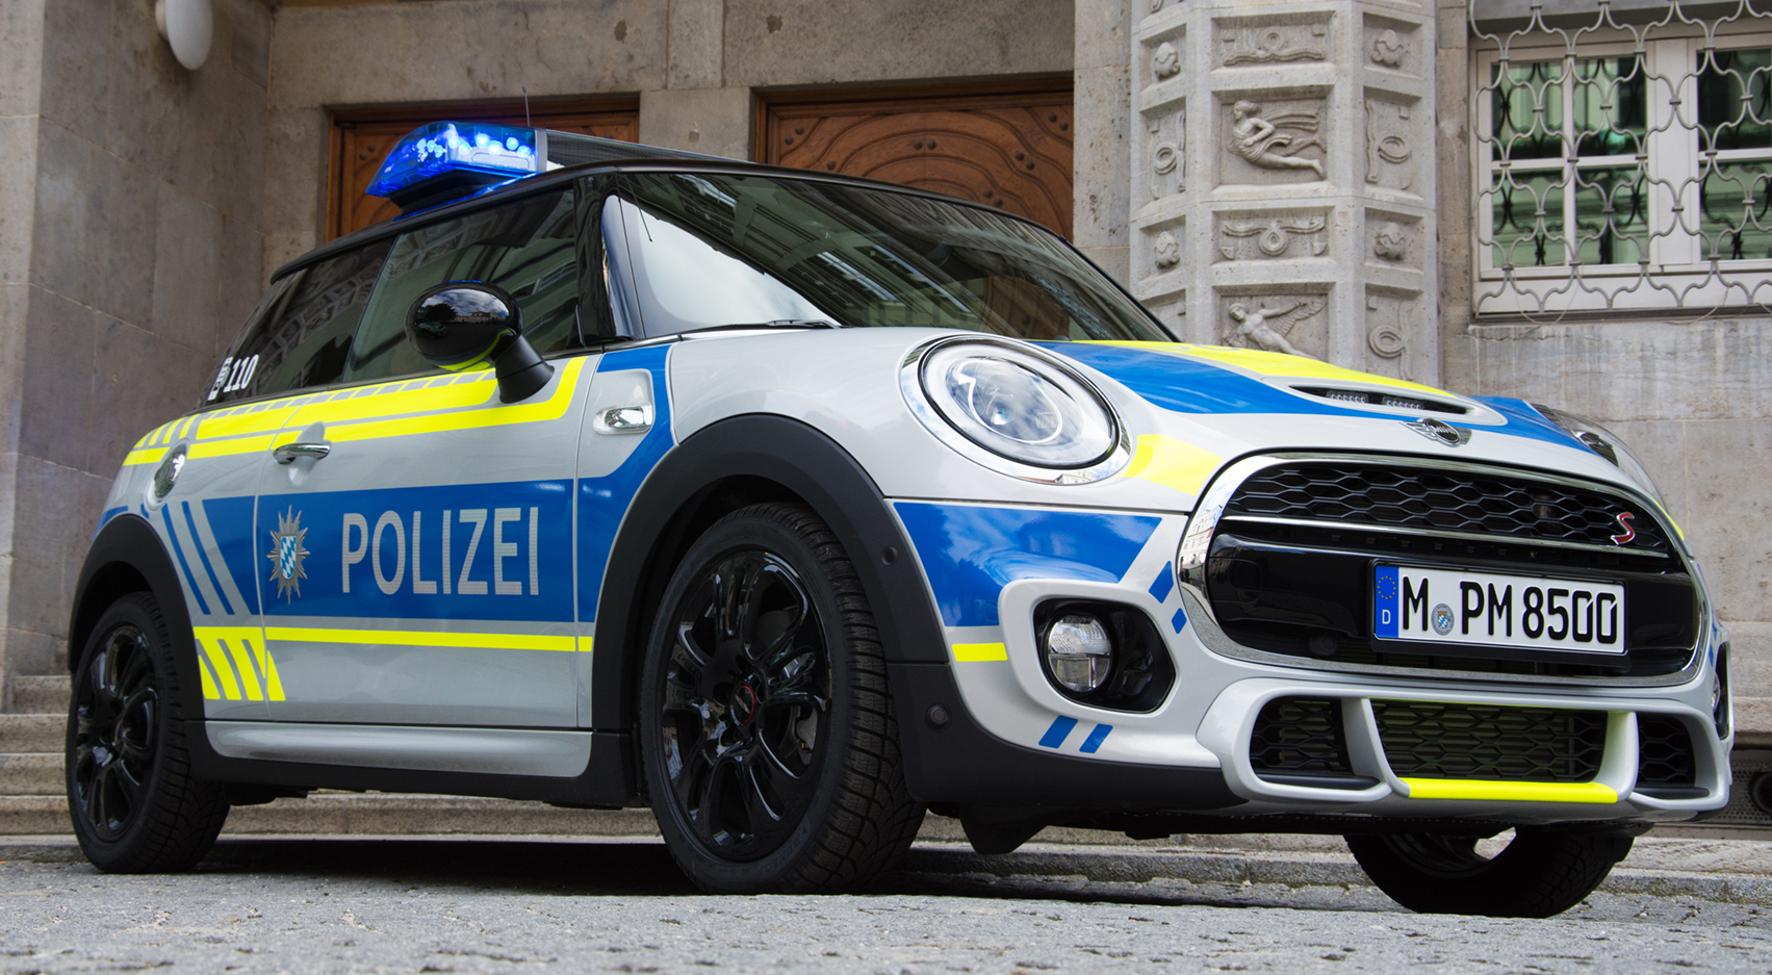 Bayerischer Polizeiwagen als PR-Objekt